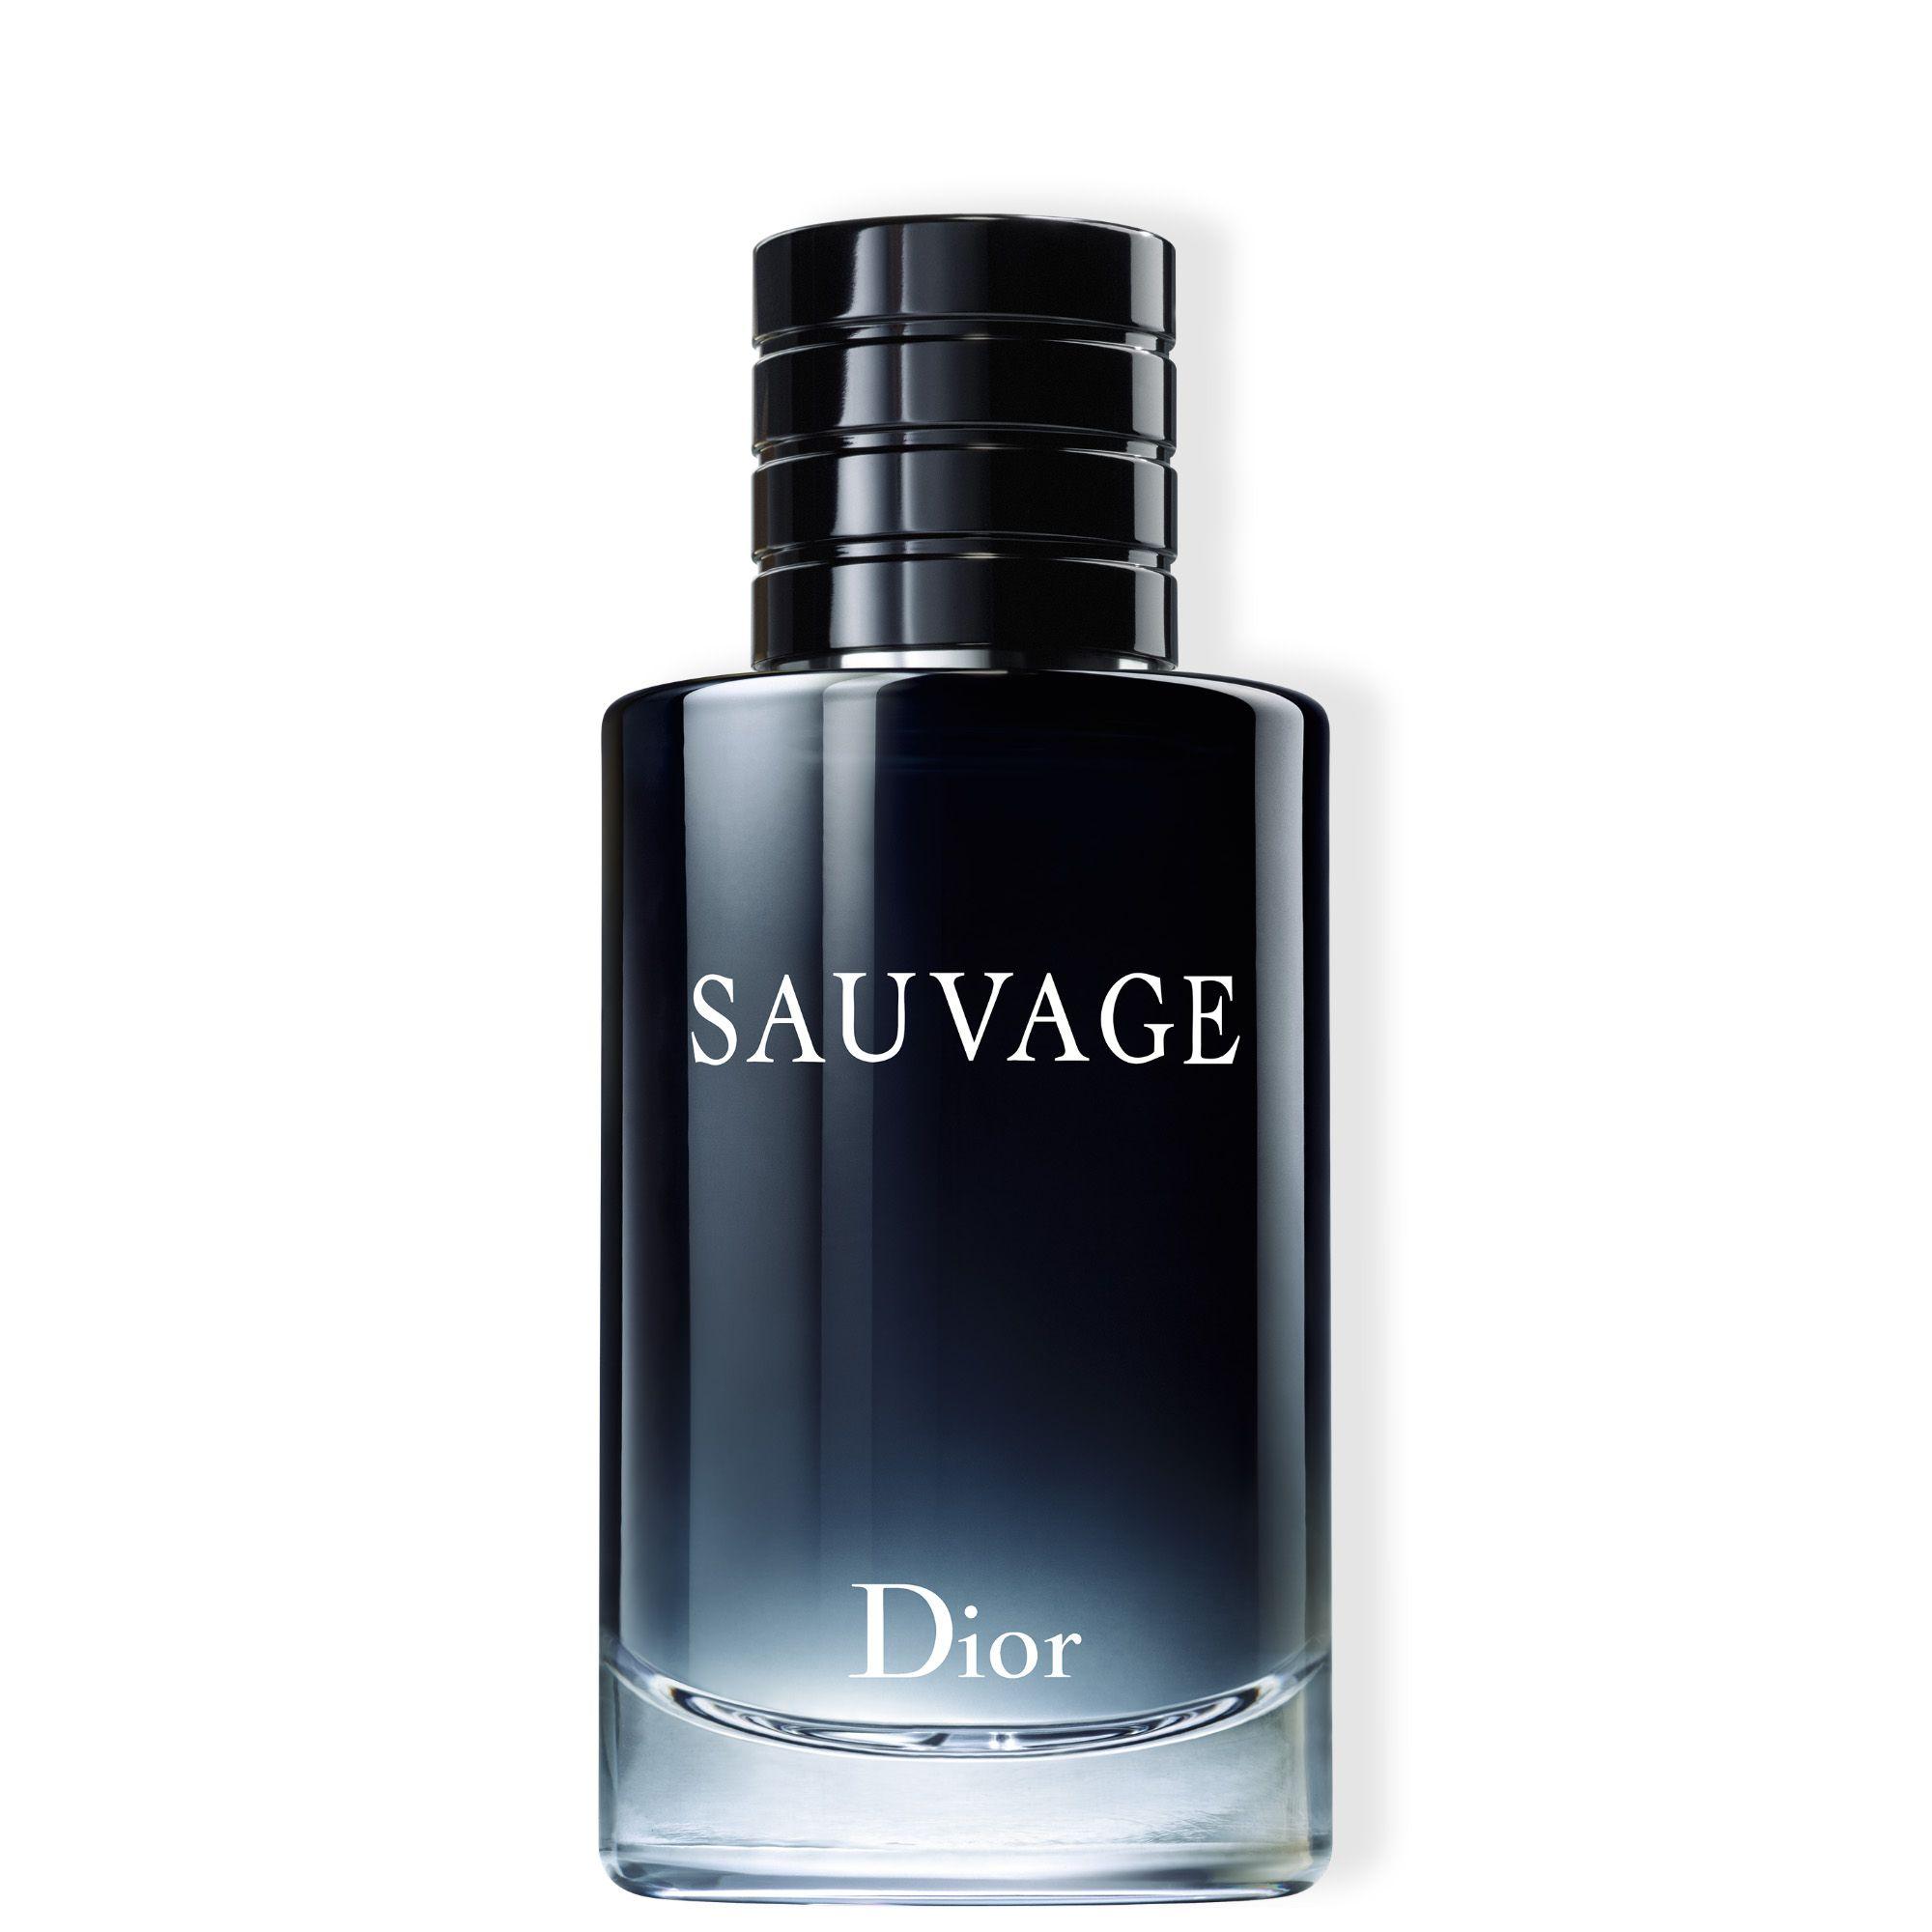 น้ำหอม Christian Dior Sauvage for men ขนาด 100ml. กล่องเทสเตอร์